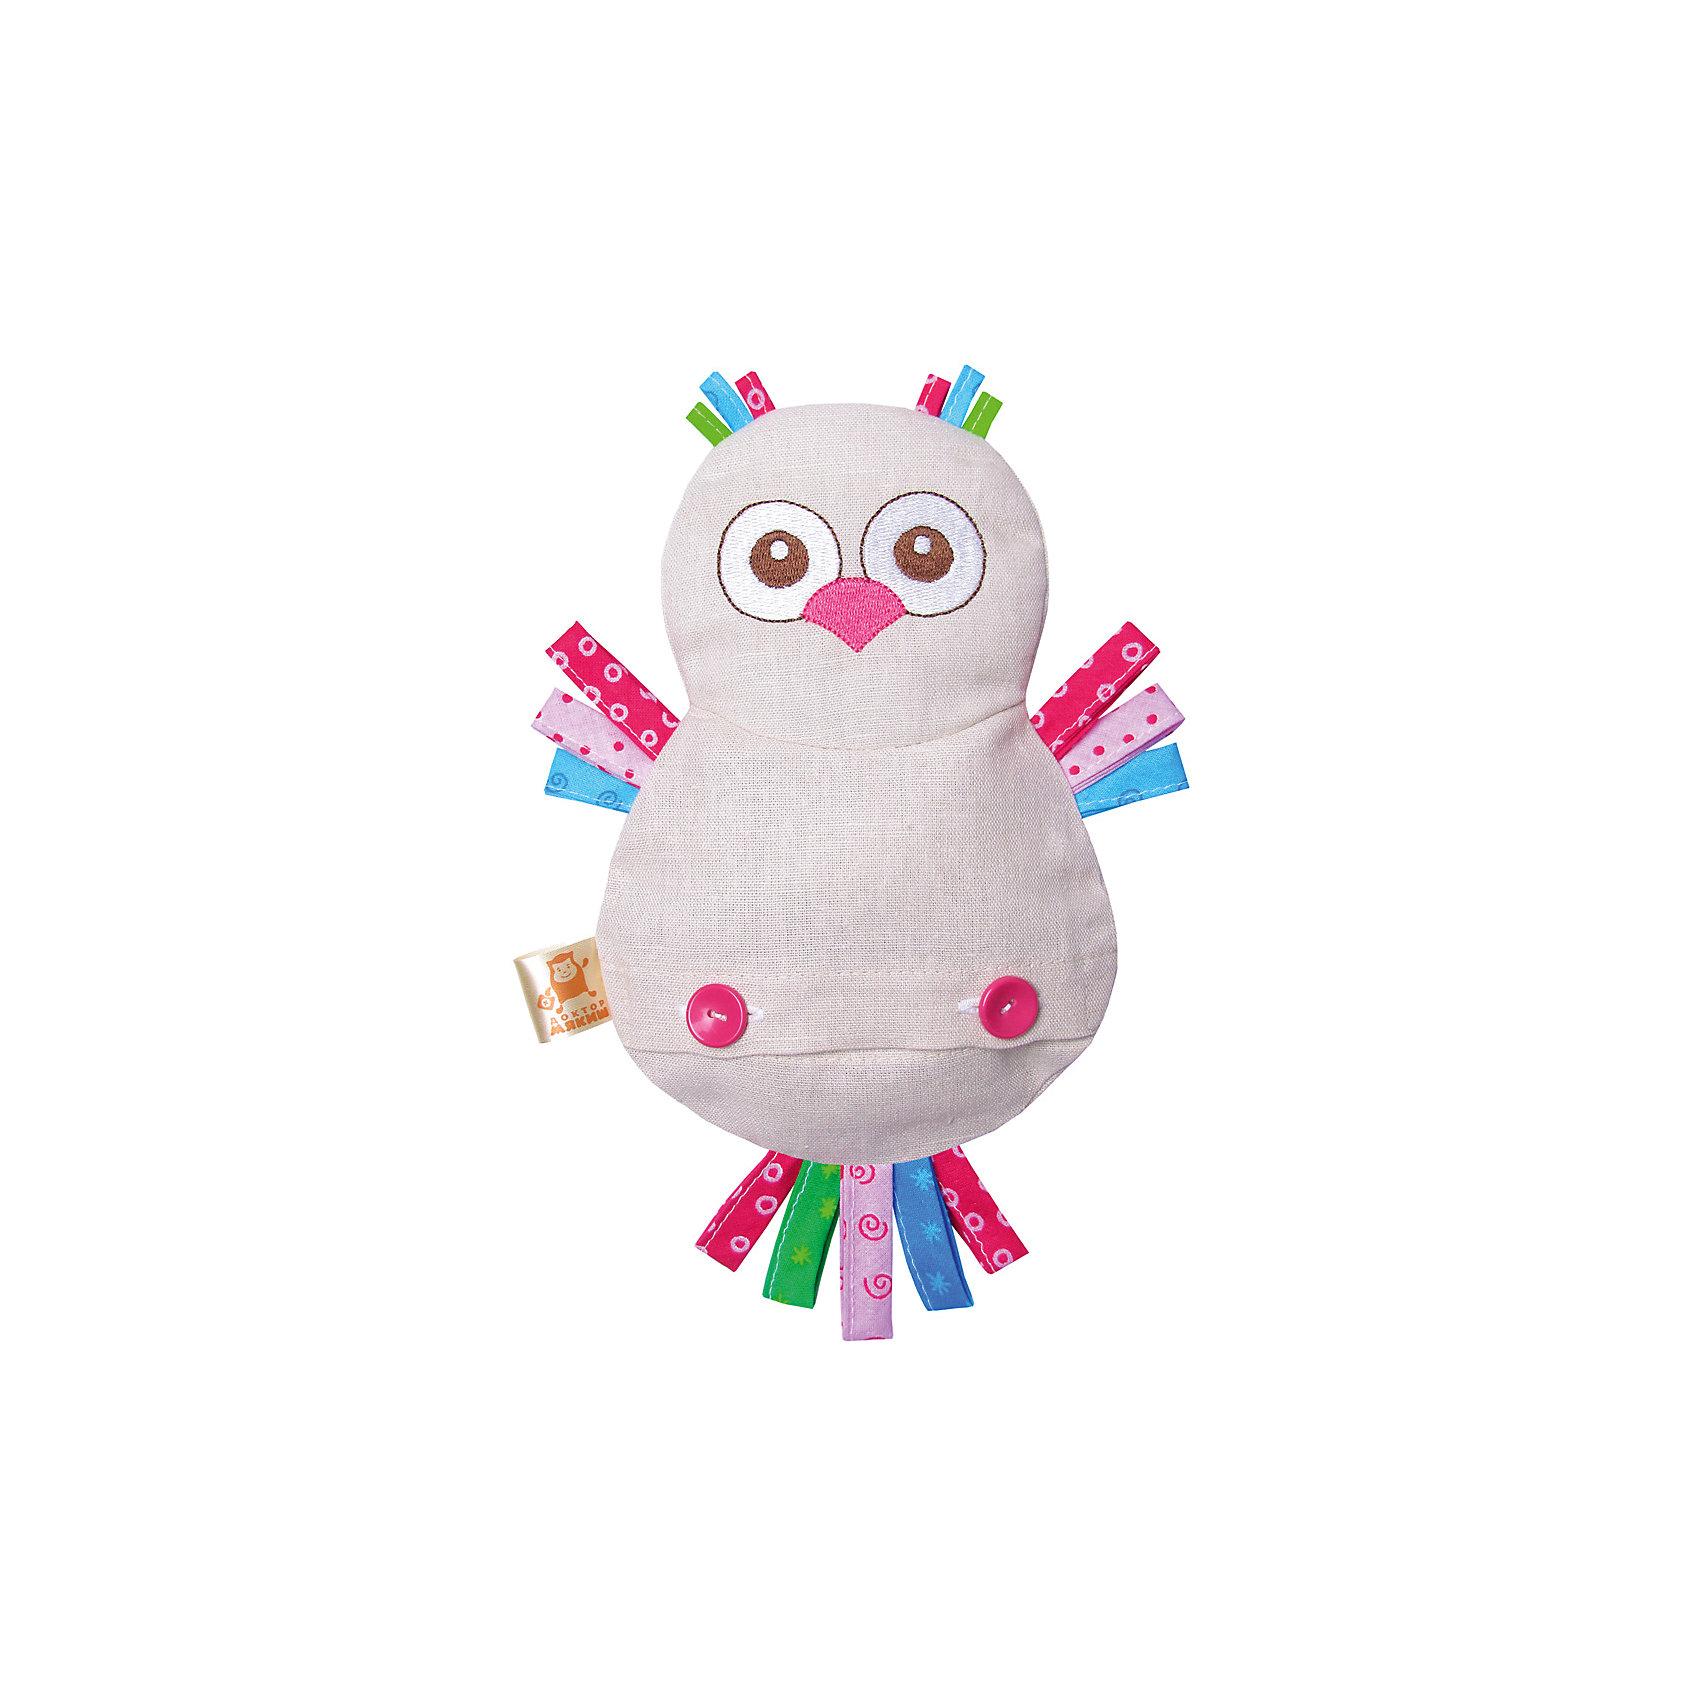 Игрушка на руку Доктор Мякиш-Сова, МякишиМягкие игрушки на руку<br>Характеристики товара:<br><br>• материал: лён, вишнёвые косточки, вышивка, холлофайбер, хлопок<br>• комплектация: 1 шт<br>• размер игрушки: 18х27х4 см<br>• размер упаковки: 18х32х4 см<br>• развивающая игрушка<br>• упаковка: ламинированный картонный холдер<br>• вишневые косточки внутри<br>• страна бренда: РФ<br>• страна изготовитель: РФ<br><br>Малыши активно познают мир и тянутся к новой информации. Чтобы сделать процесс изучения окружающего пространства интереснее, ребенку можно подарить развивающие игрушки. В процессе игры информация усваивается намного лучше!<br>Такие термоигрушки содержат внутри мешочек с вишневыми косточками, которые можно нагреть или остудить, после чего вложить в игрушку. Также изделия помогут занять малыша, играть с ними приятно и весело. Одновременно игрушка позволит познакомиться с разными цветами и фактурами. Такие игрушки развивают тактильные ощущения, моторику, цветовосприятие, логику, воображение, учат фокусировать внимание. Каждое изделие абсолютно безопасно – оно создано из качественной ткани с мягким наполнителем. Игрушки производятся из качественных и проверенных материалов, которые безопасны для детей.<br><br>Термоигрушку Доктор Мякиш-Сова от бренда Мякиши можно купить в нашем интернет-магазине.<br><br>Ширина мм: 310<br>Глубина мм: 40<br>Высота мм: 310<br>Вес г: 150<br>Возраст от месяцев: 12<br>Возраст до месяцев: 36<br>Пол: Унисекс<br>Возраст: Детский<br>SKU: 5183194